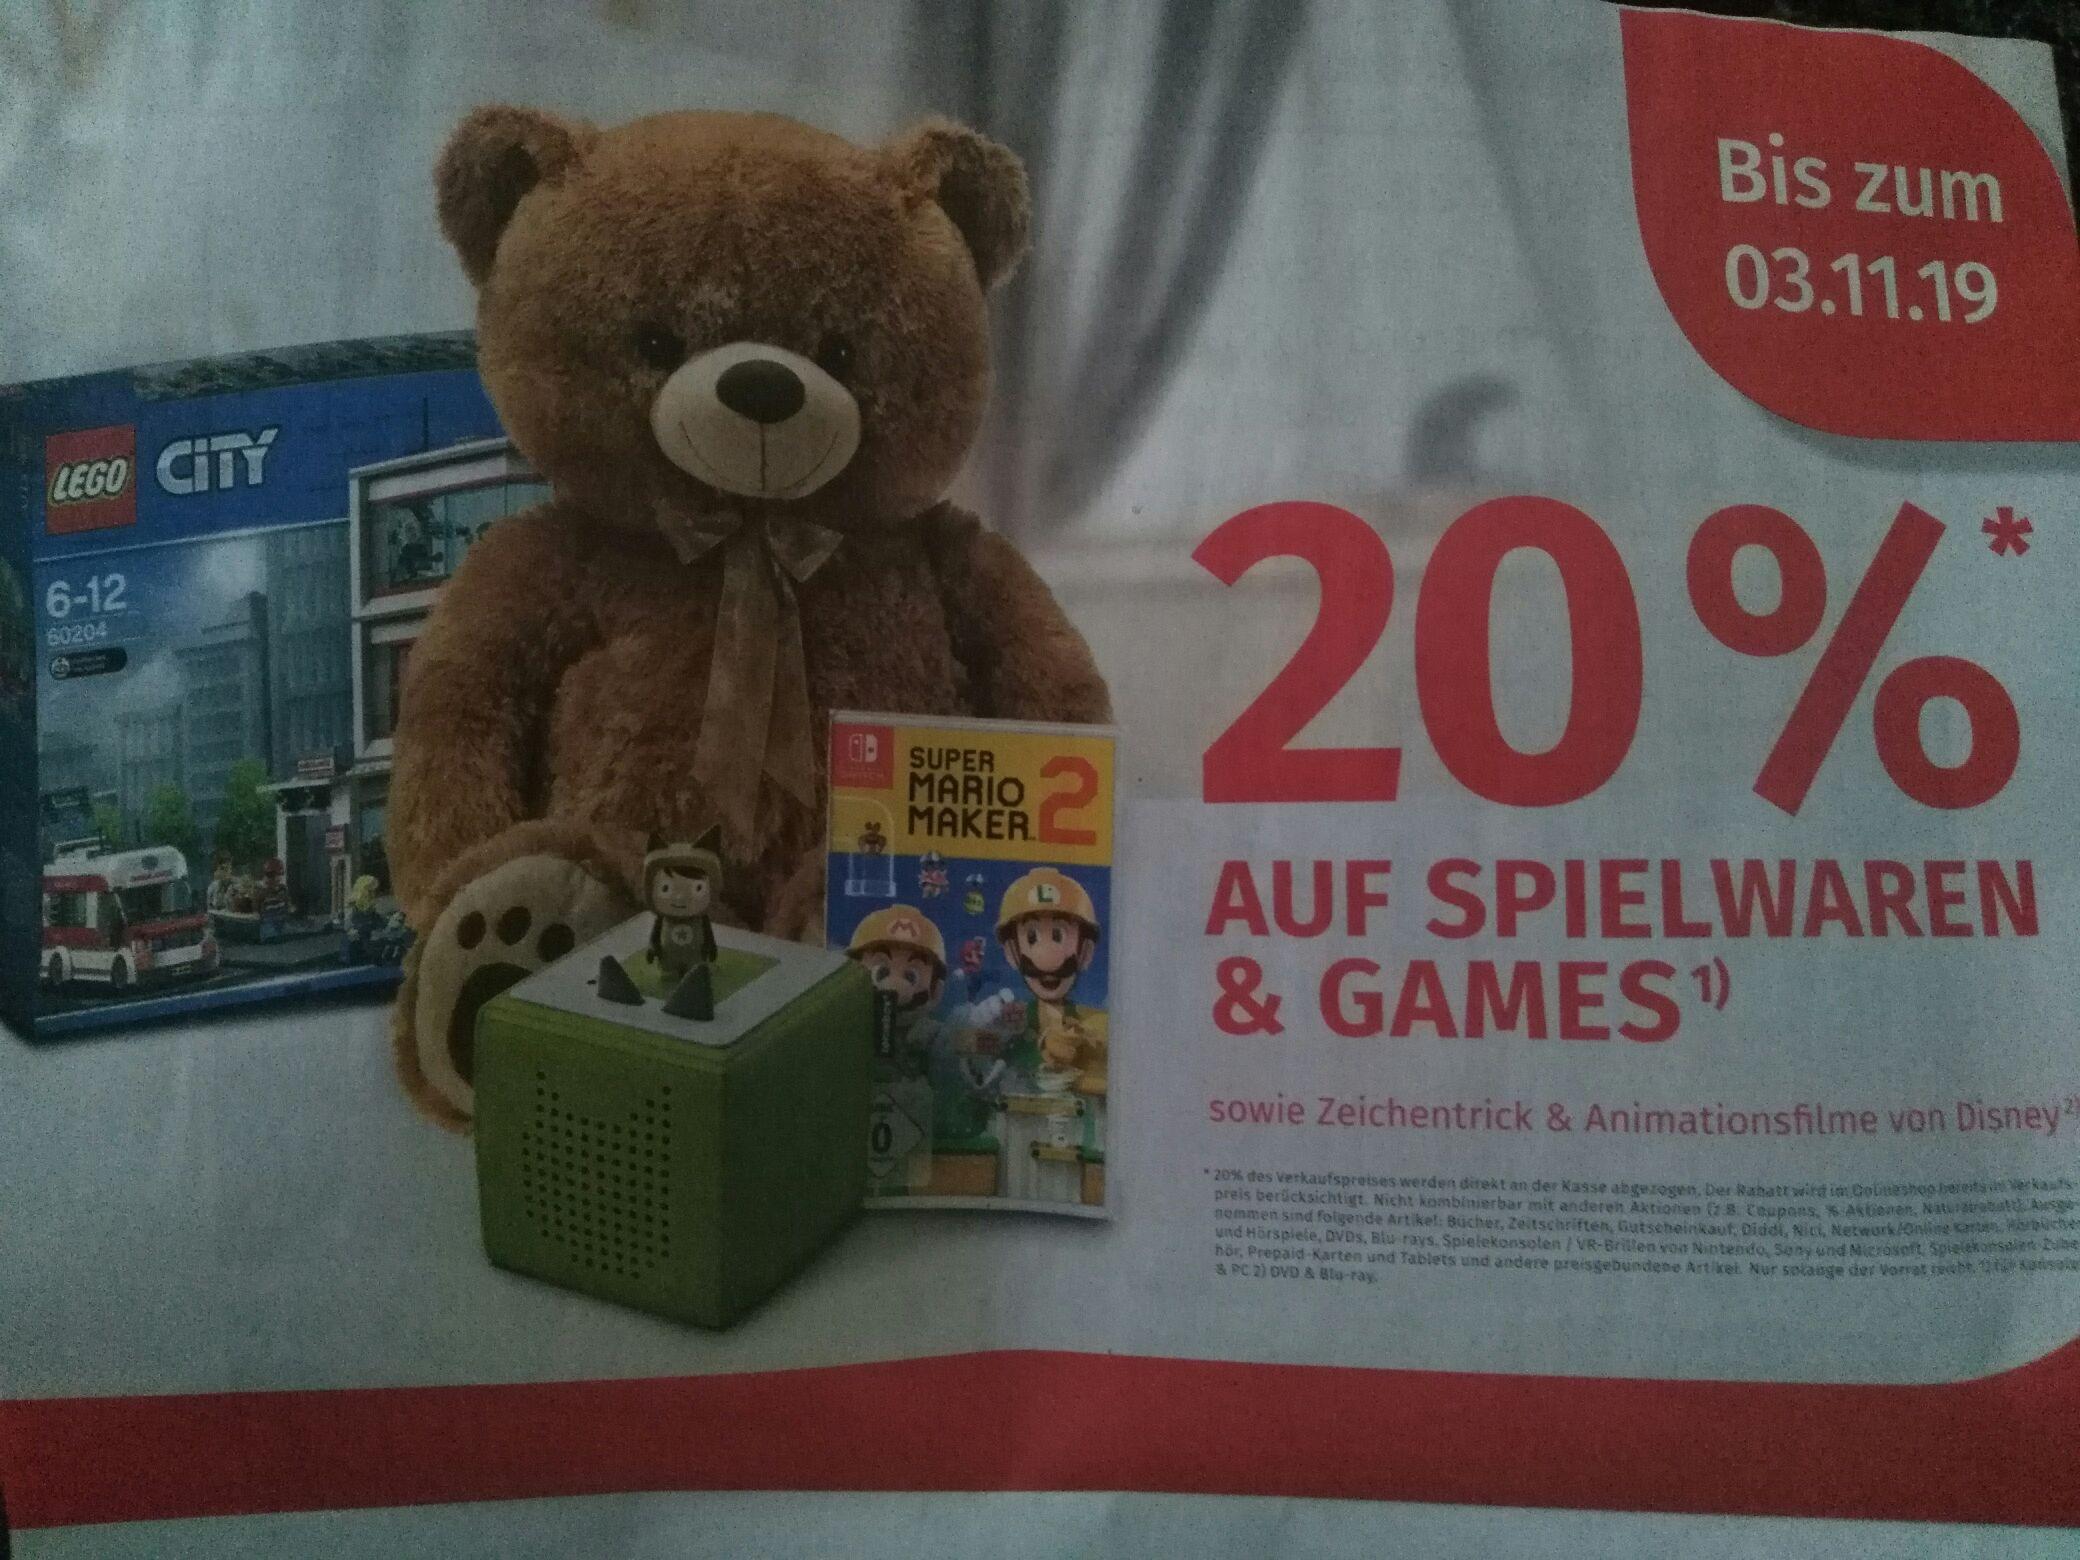 [Lokal] Neueröffnung Müller in Kerpen 20% auf Spielwaren und Games, 10% auf alles.